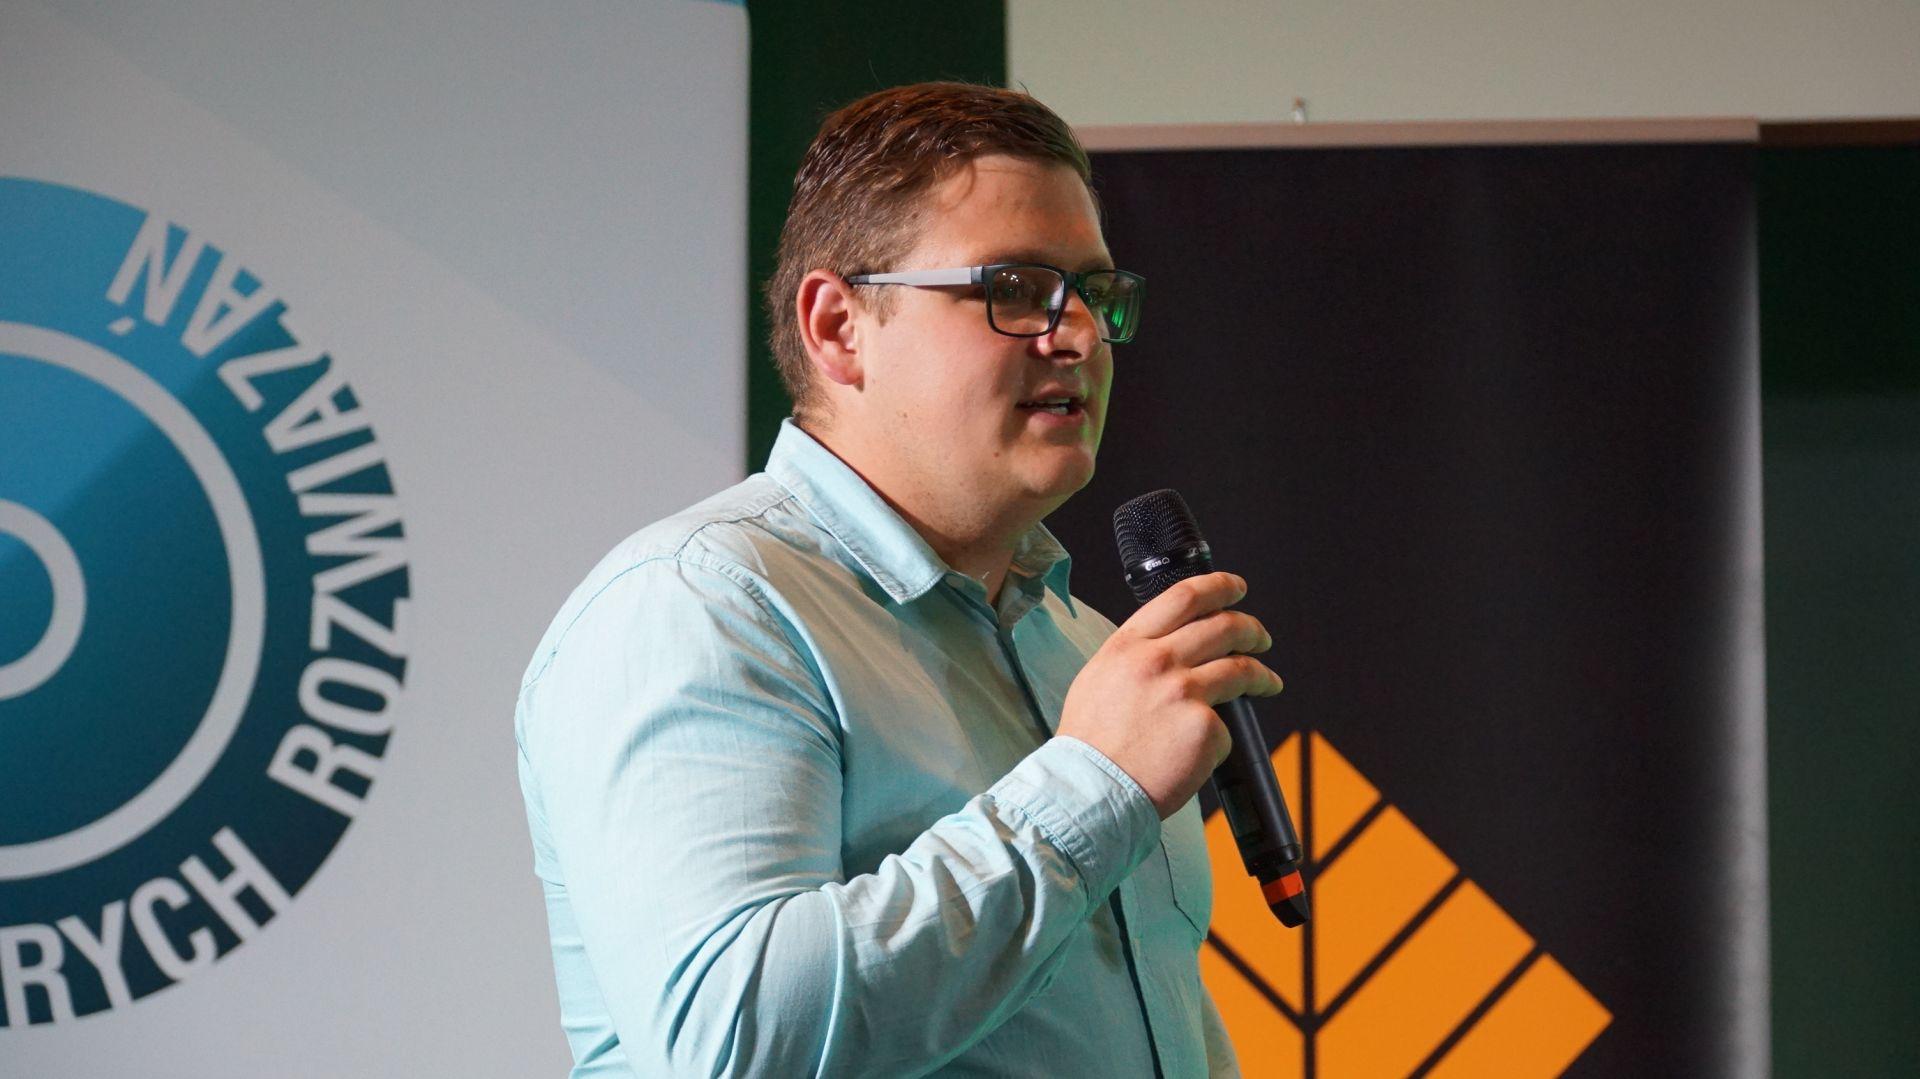 Mateusz Krawczyk, 123 social